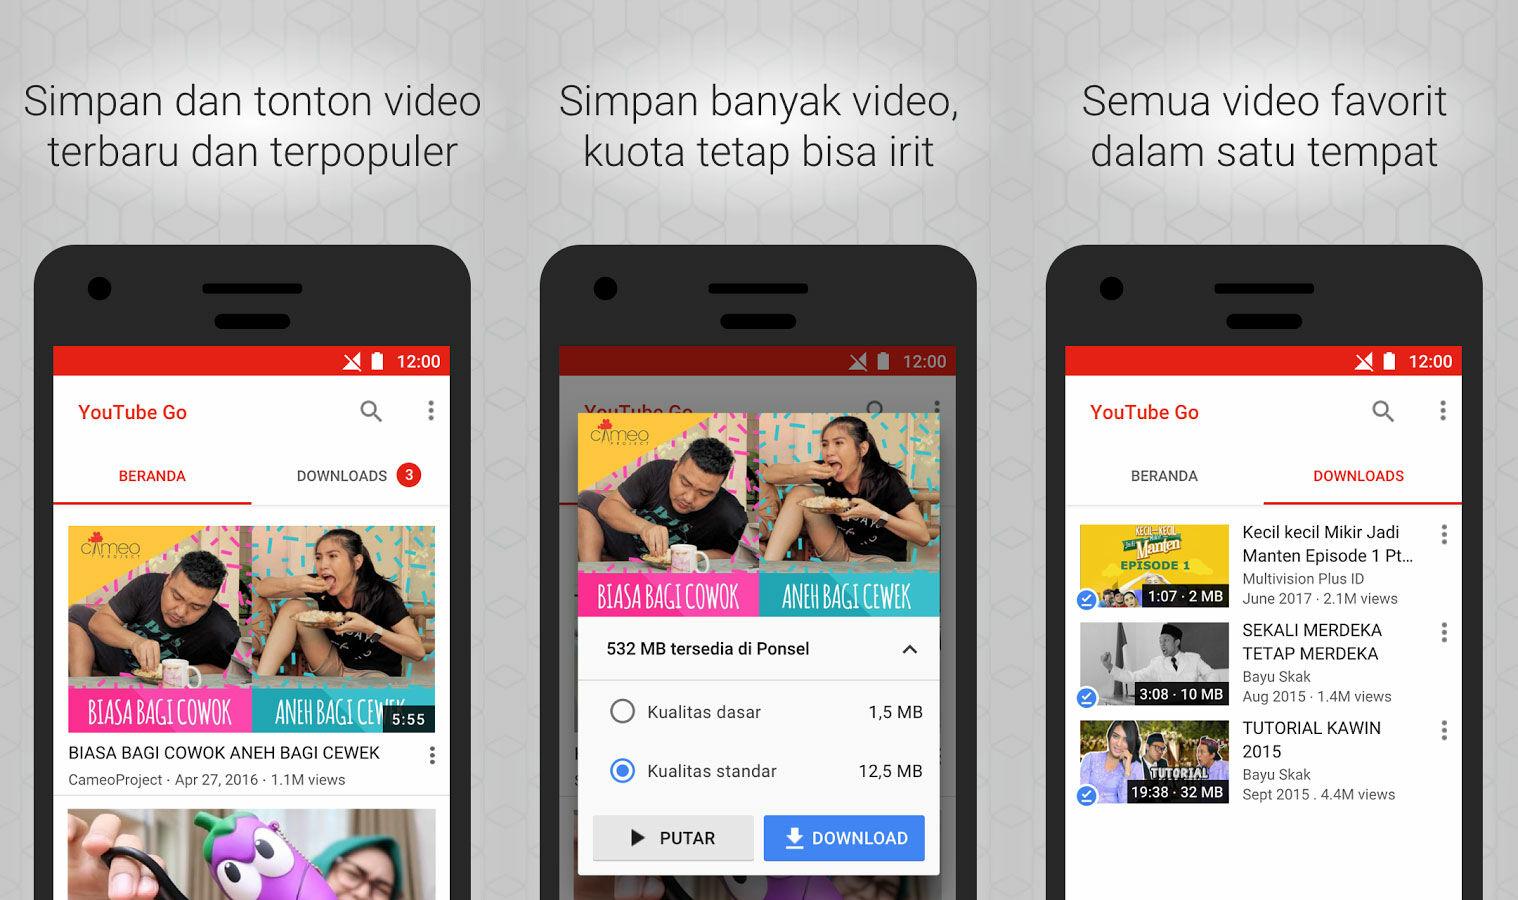 Nonton Video Hemat Kuota Dengan Youtube Go